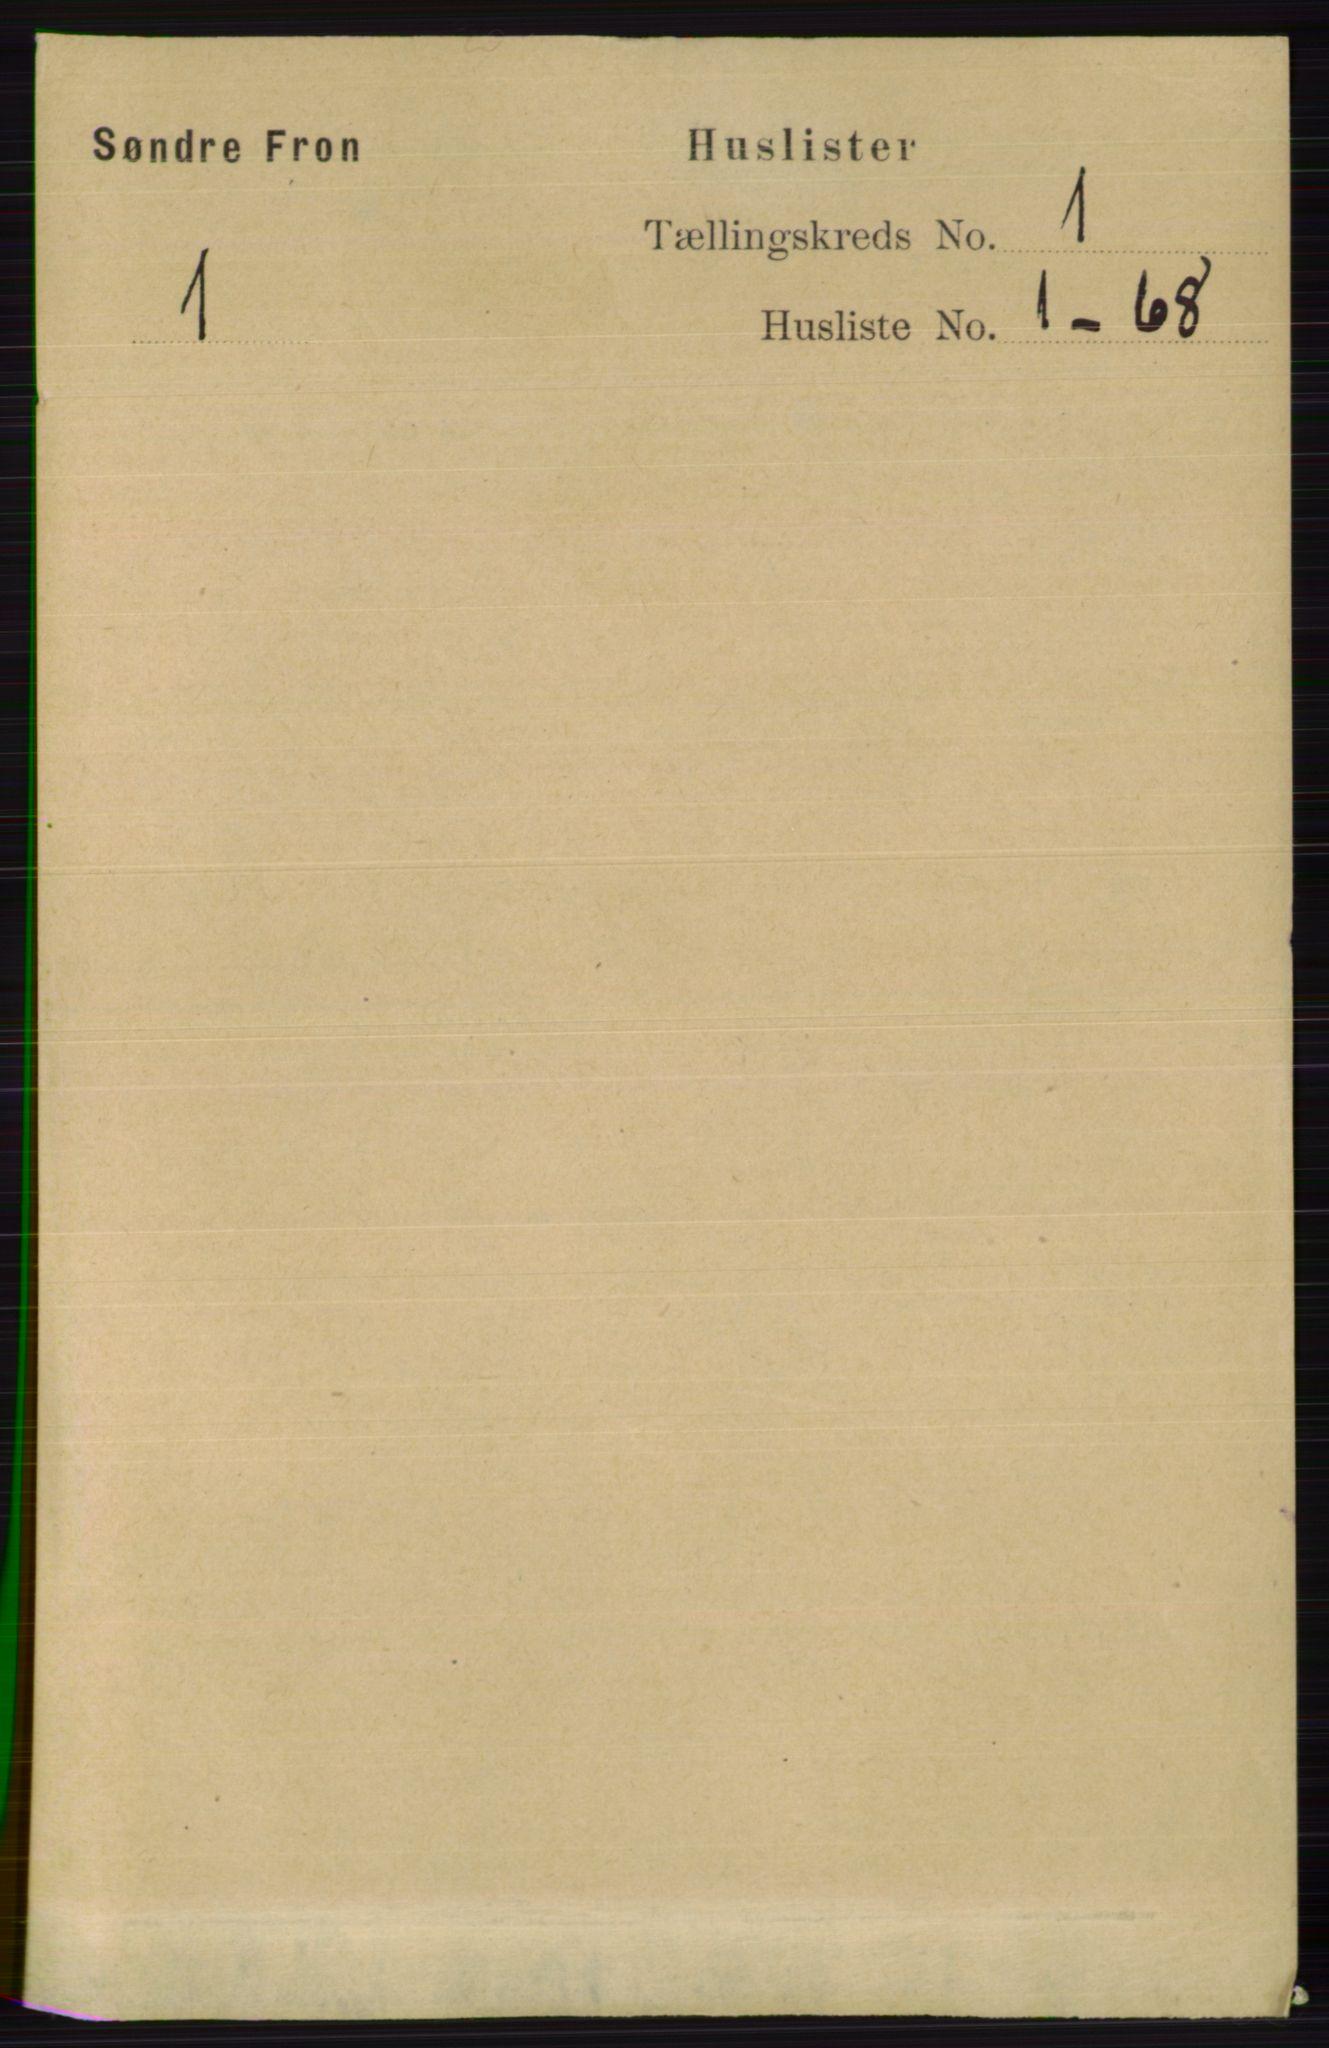 RA, Folketelling 1891 for 0519 Sør-Fron herred, 1891, s. 23